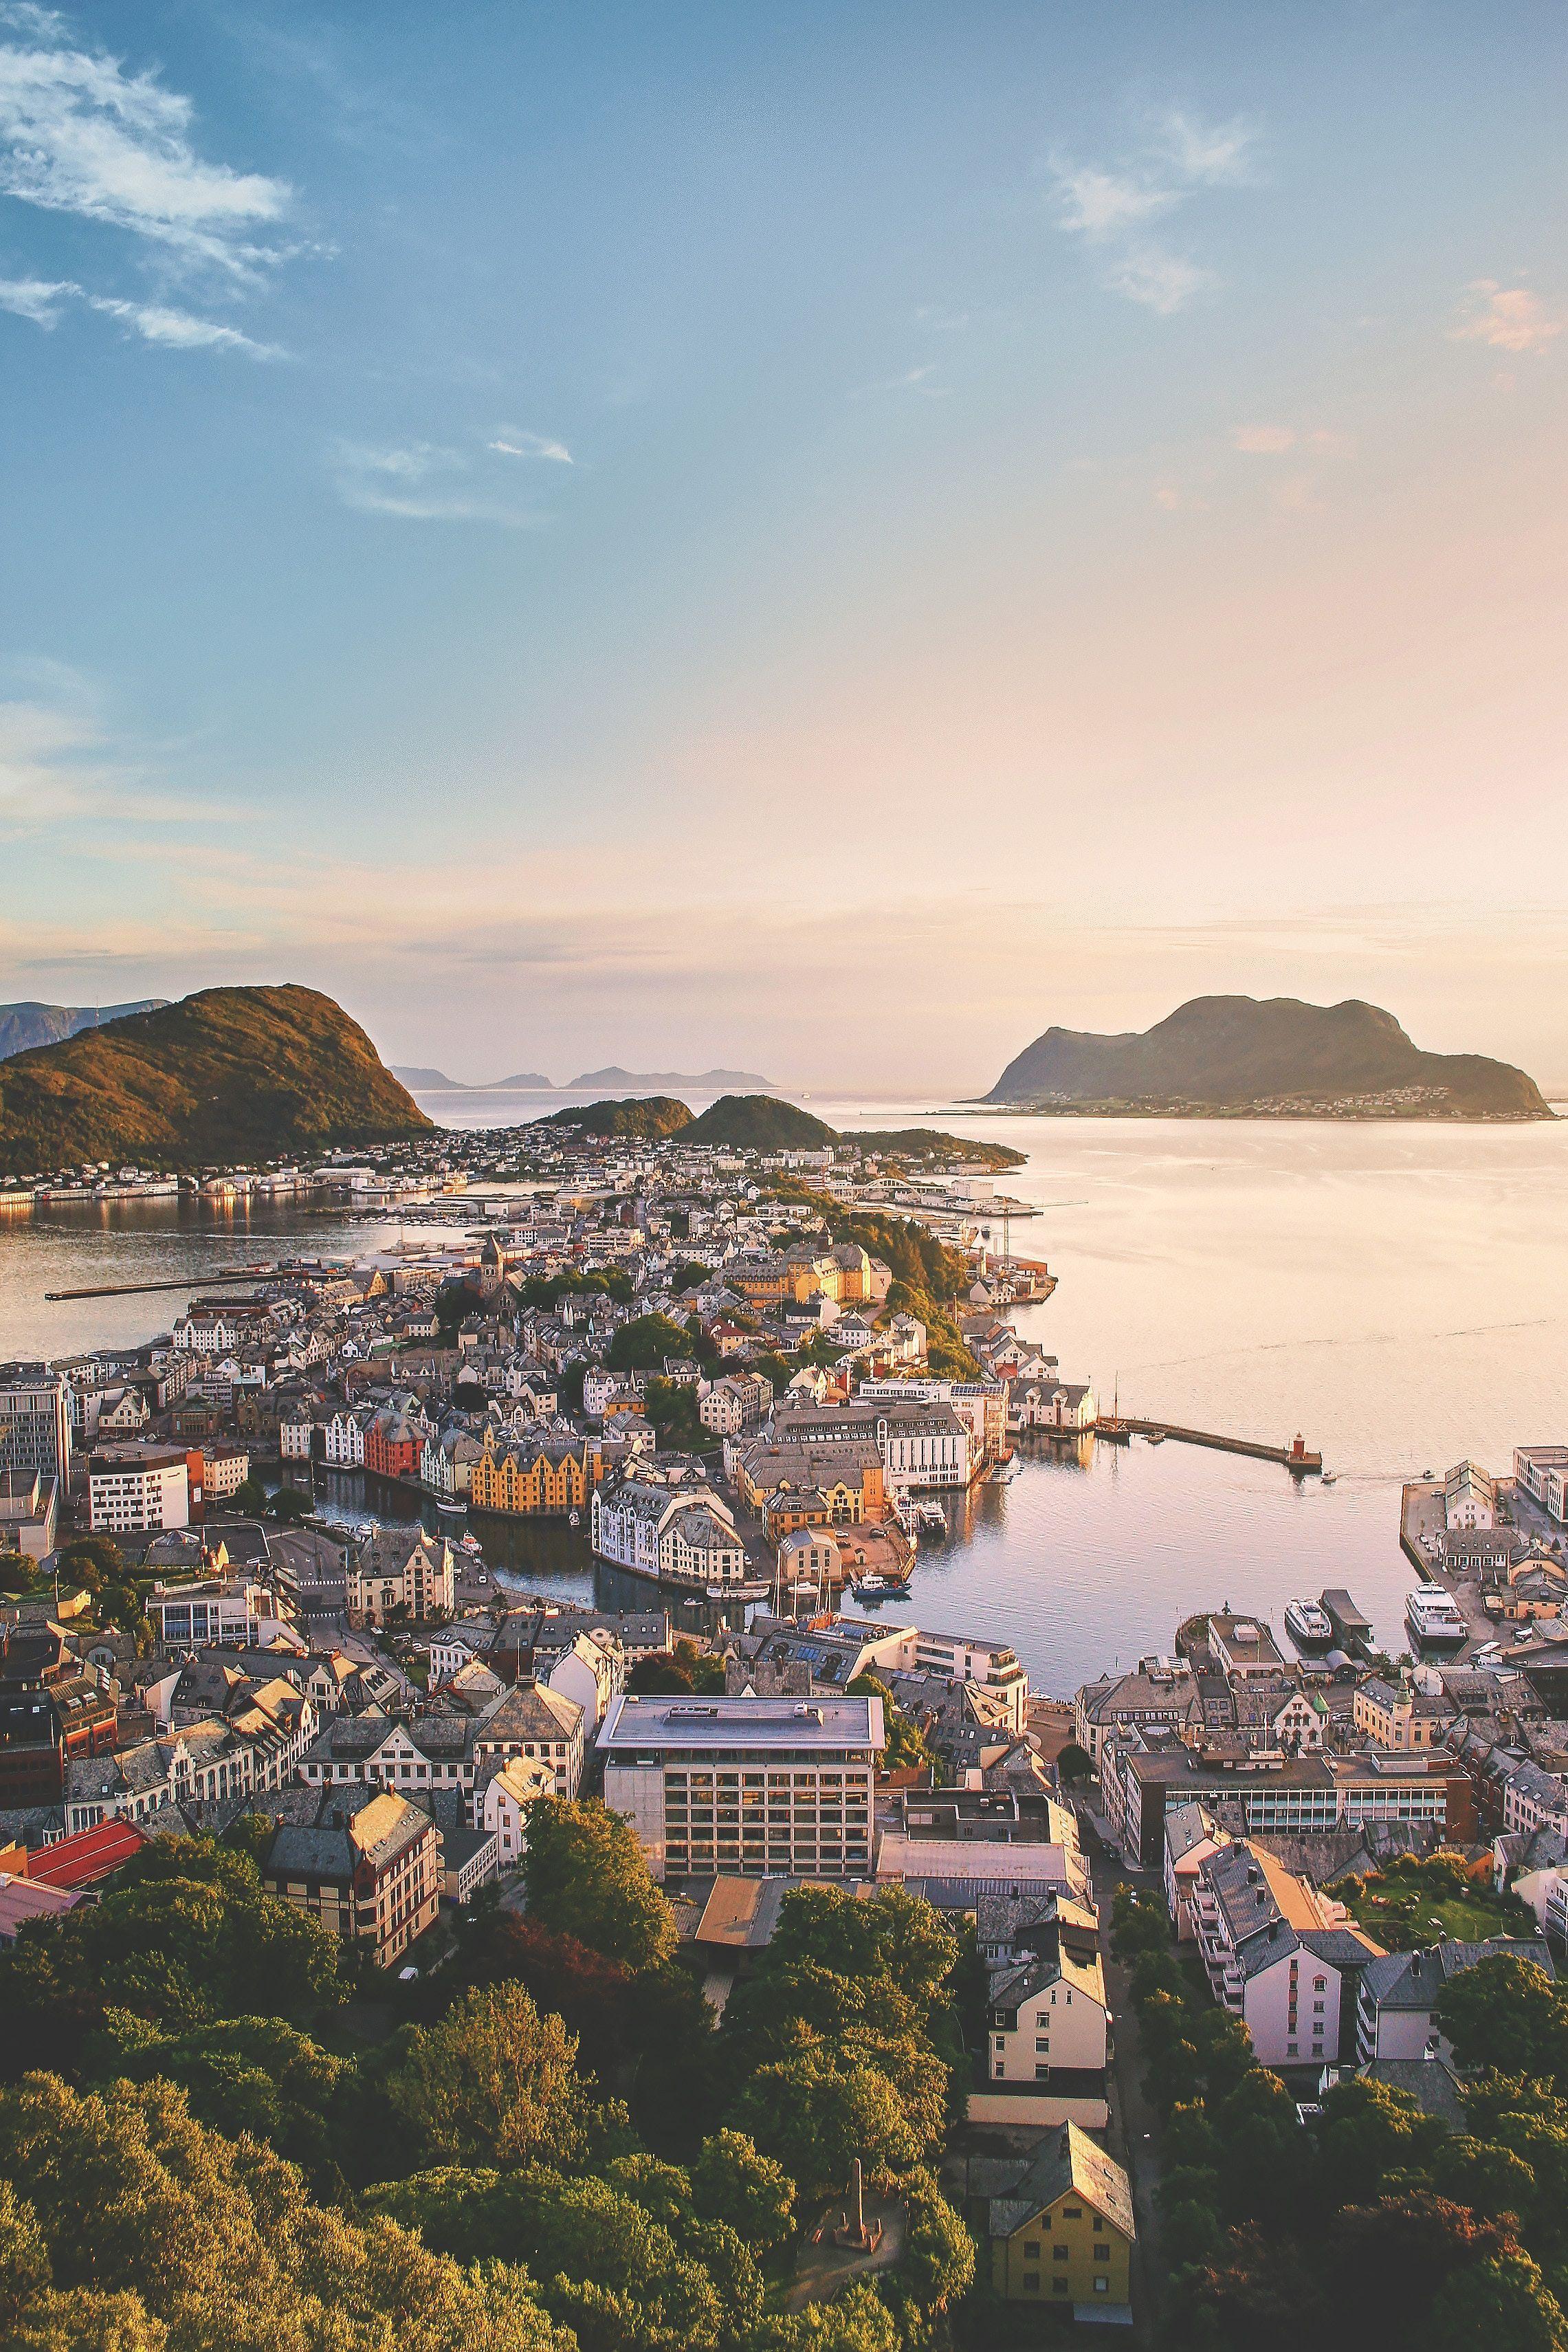 Rundreise durch Norwegen - beeindruckende Landschaften, die sprachlos machen. #norway #backpacking #outdoor #roadtrip